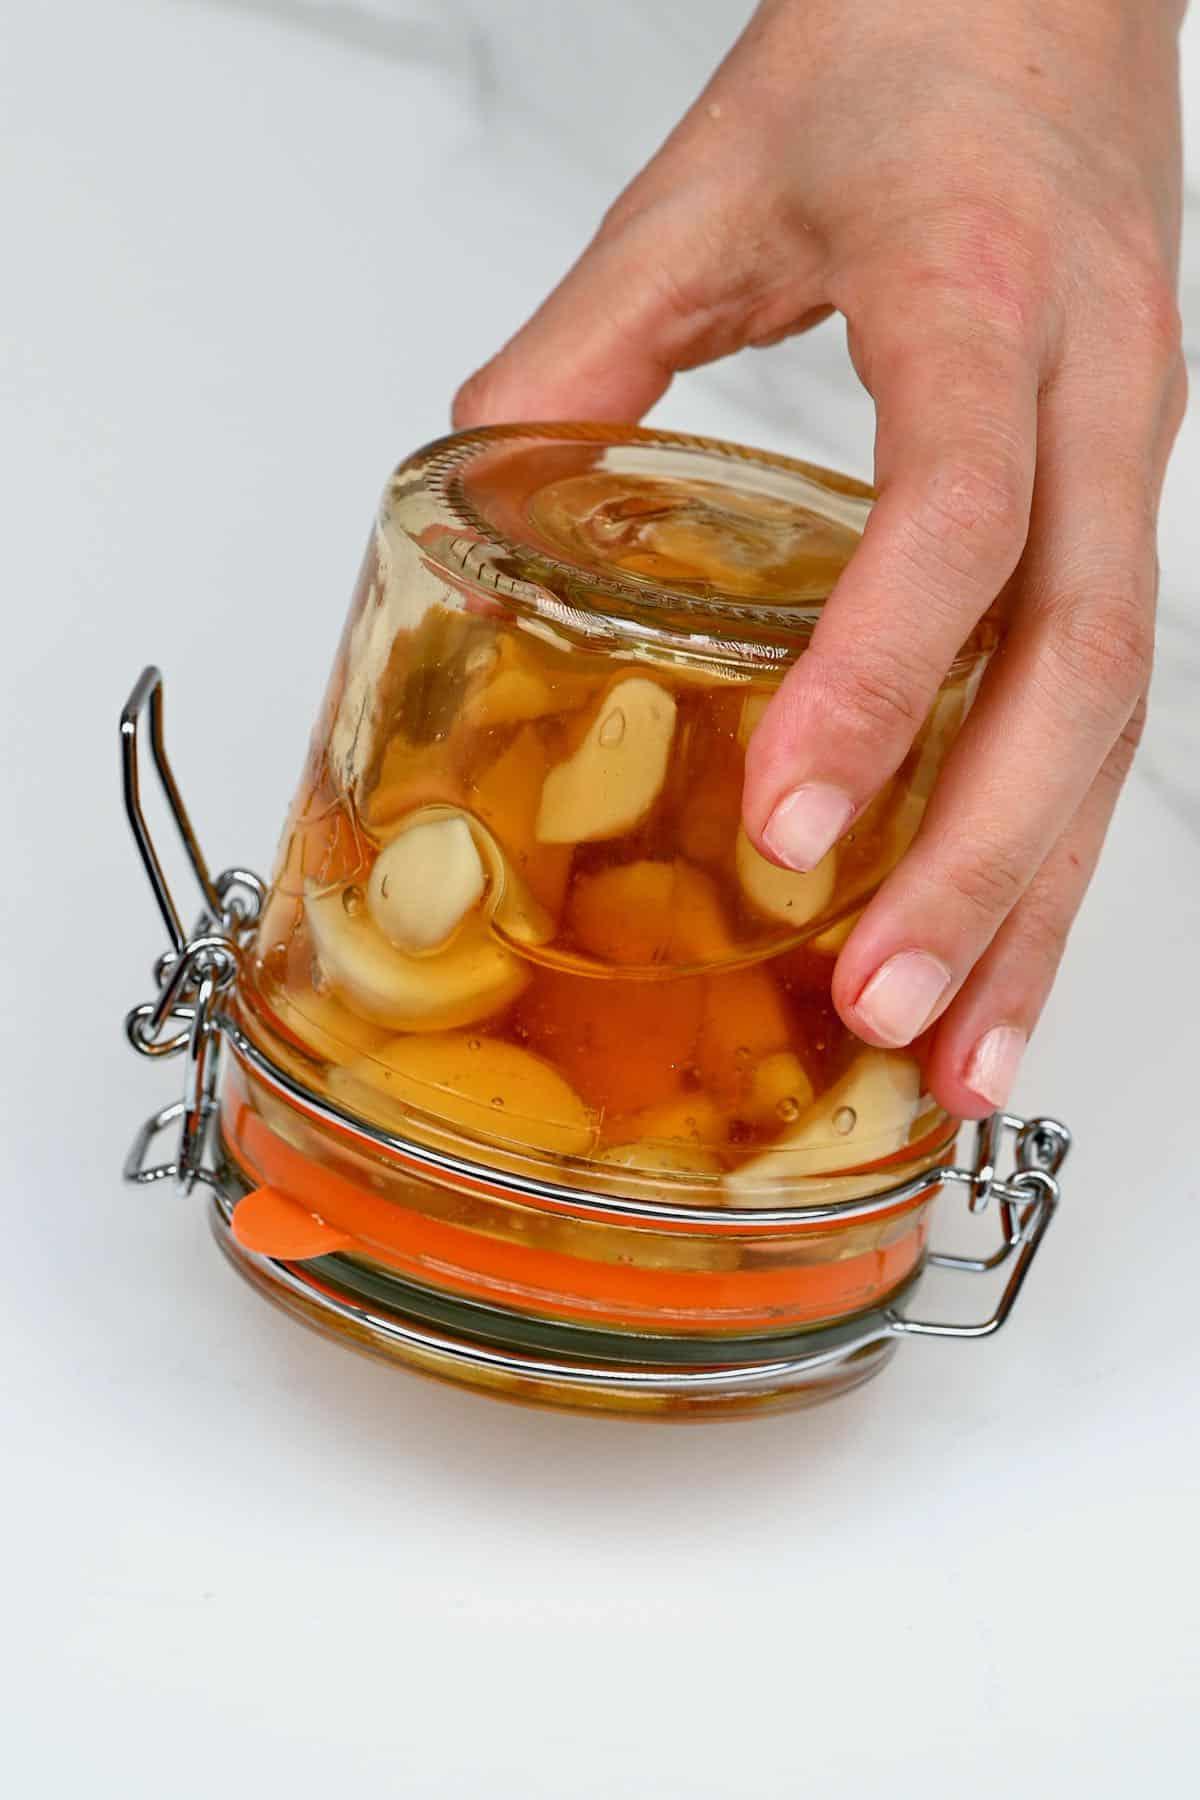 Upside down jar with fermented honey garlic